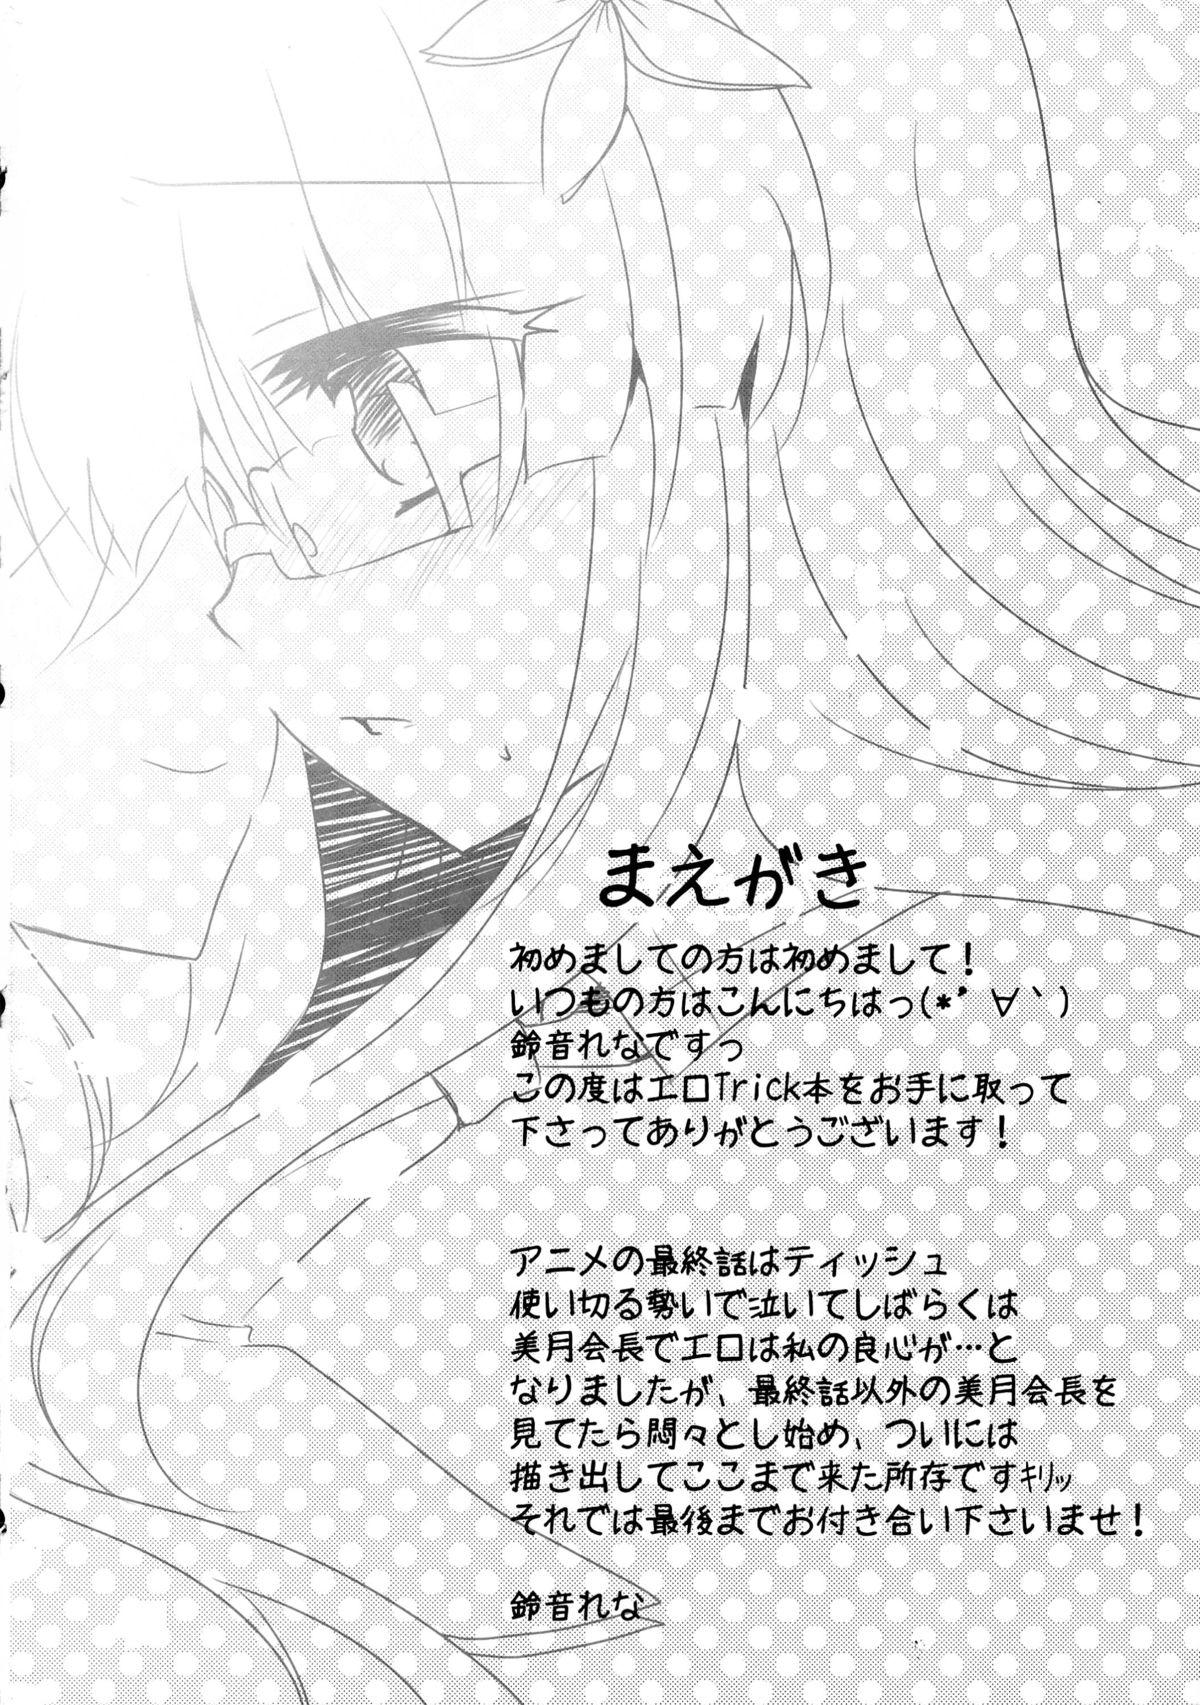 Hình ảnh HINH_00004 in Hentai Sakura Trick Haruka To Mitsuki